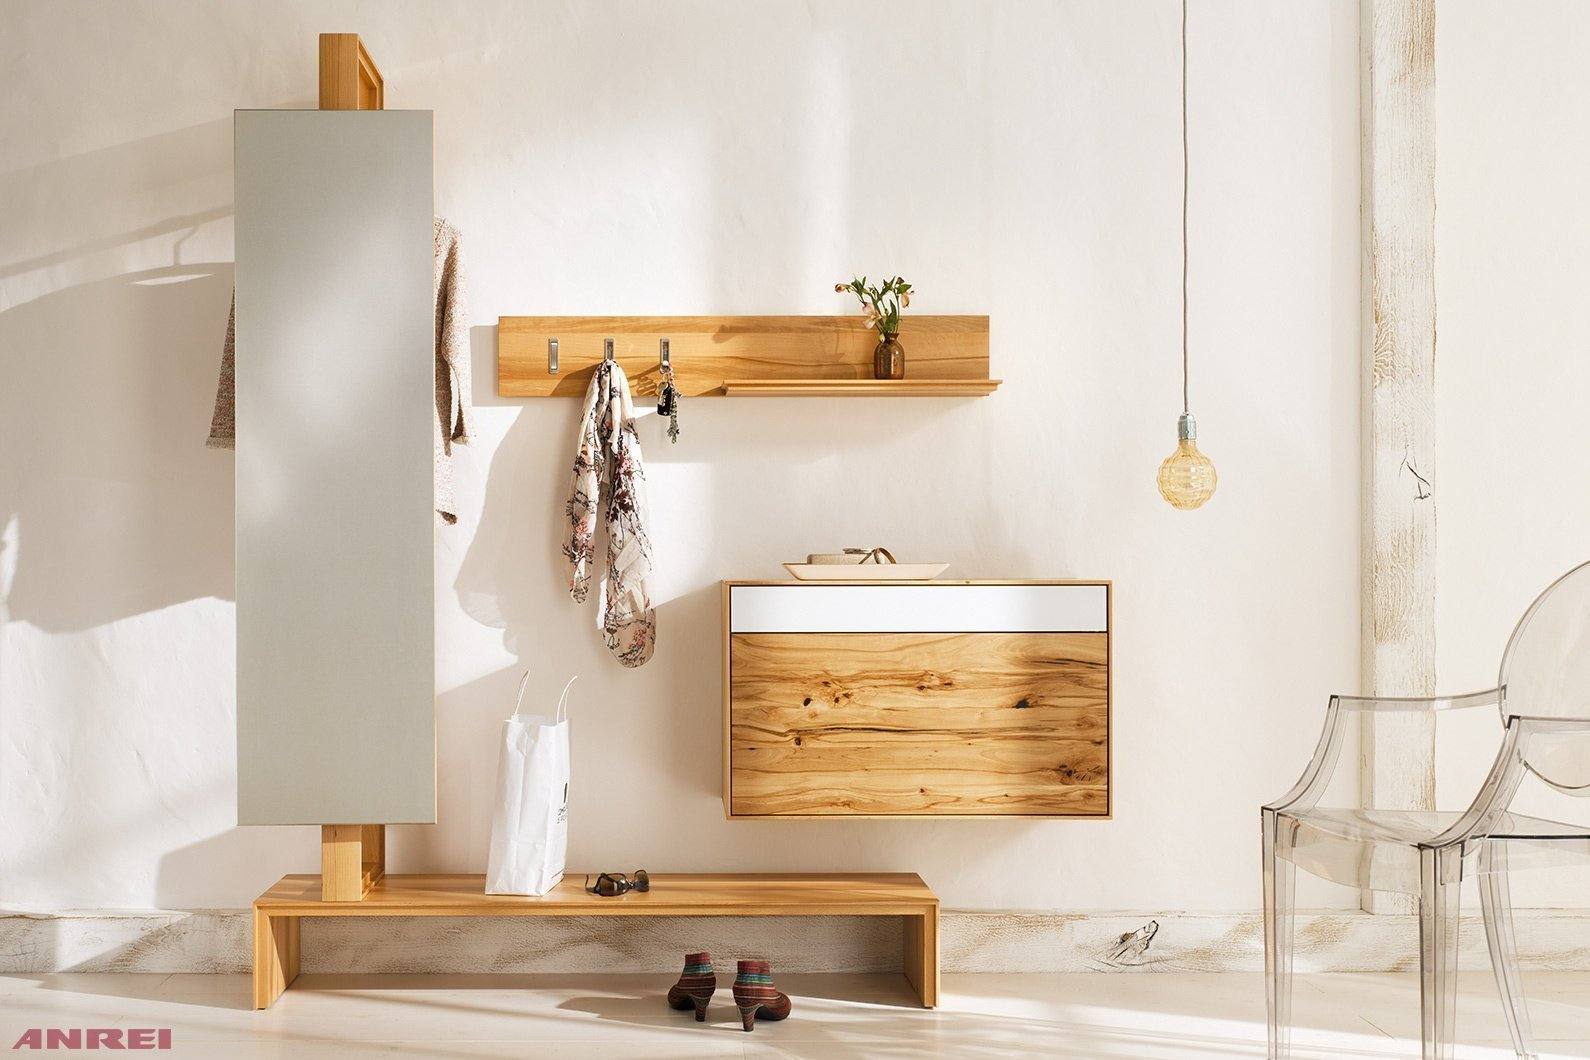 Anrei Premium Flurmöbel Möbel Letz Ihr Online Shop